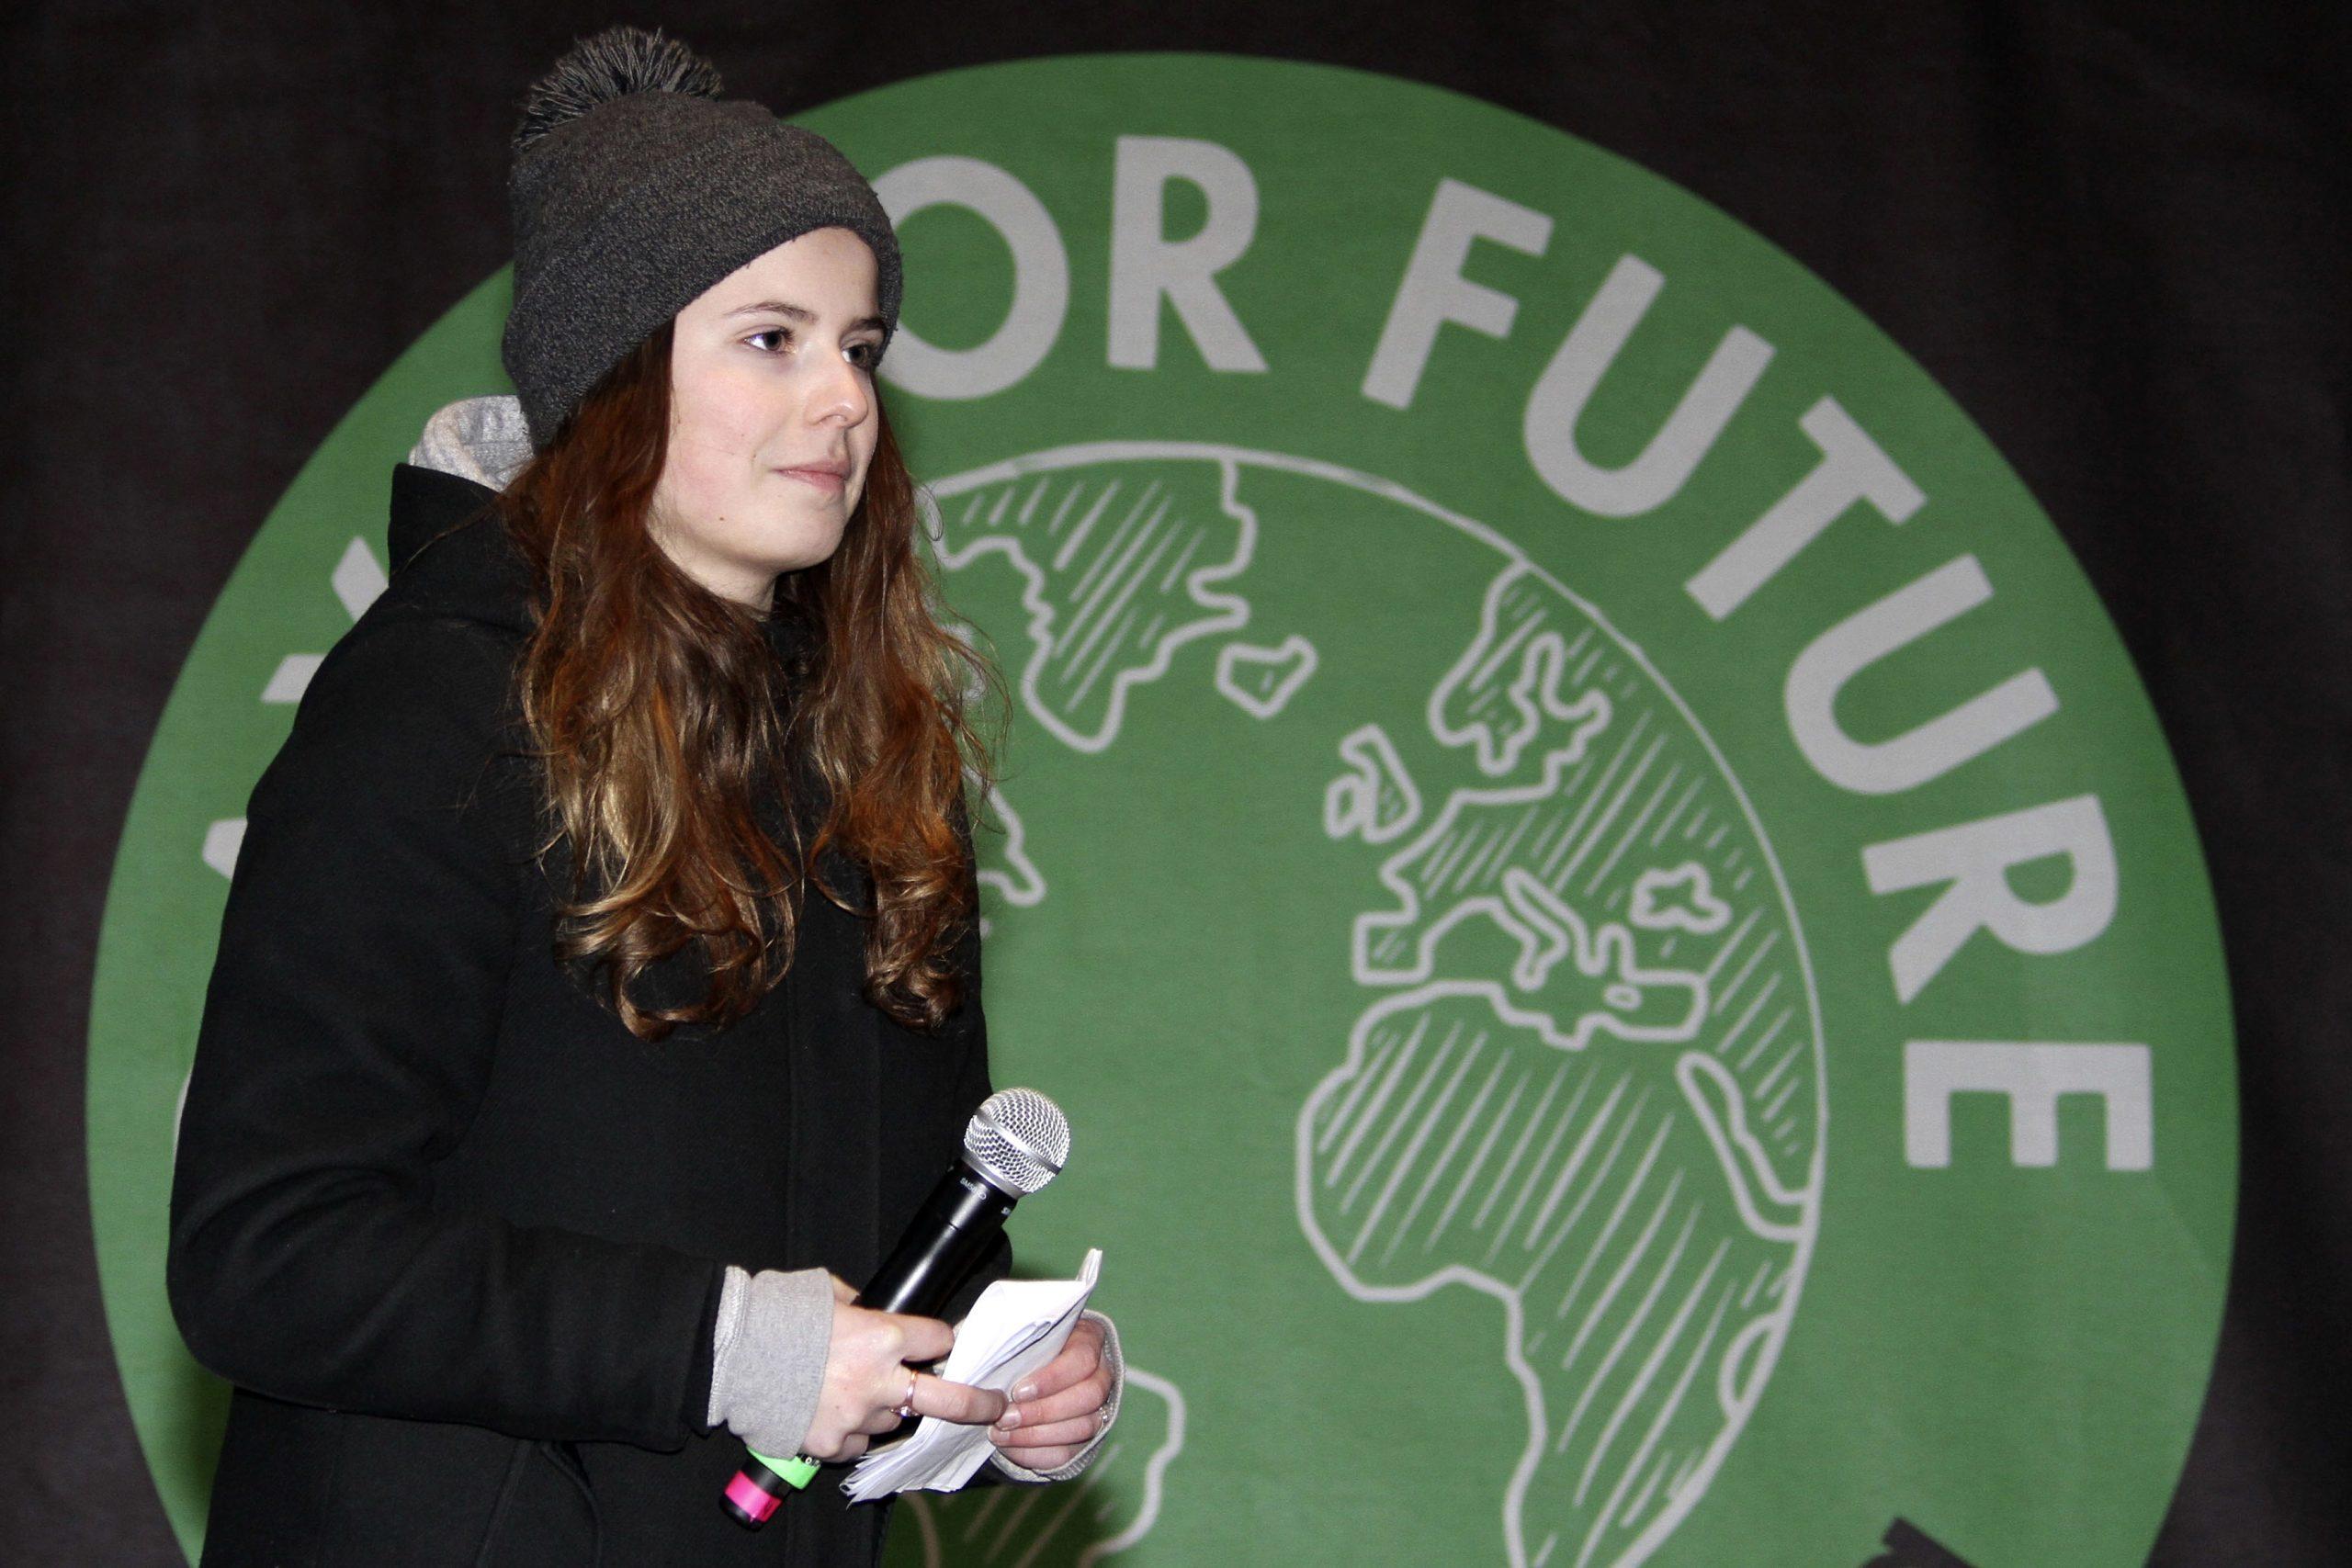 Die Klimaschützerin Luisa Neubauer will mit der